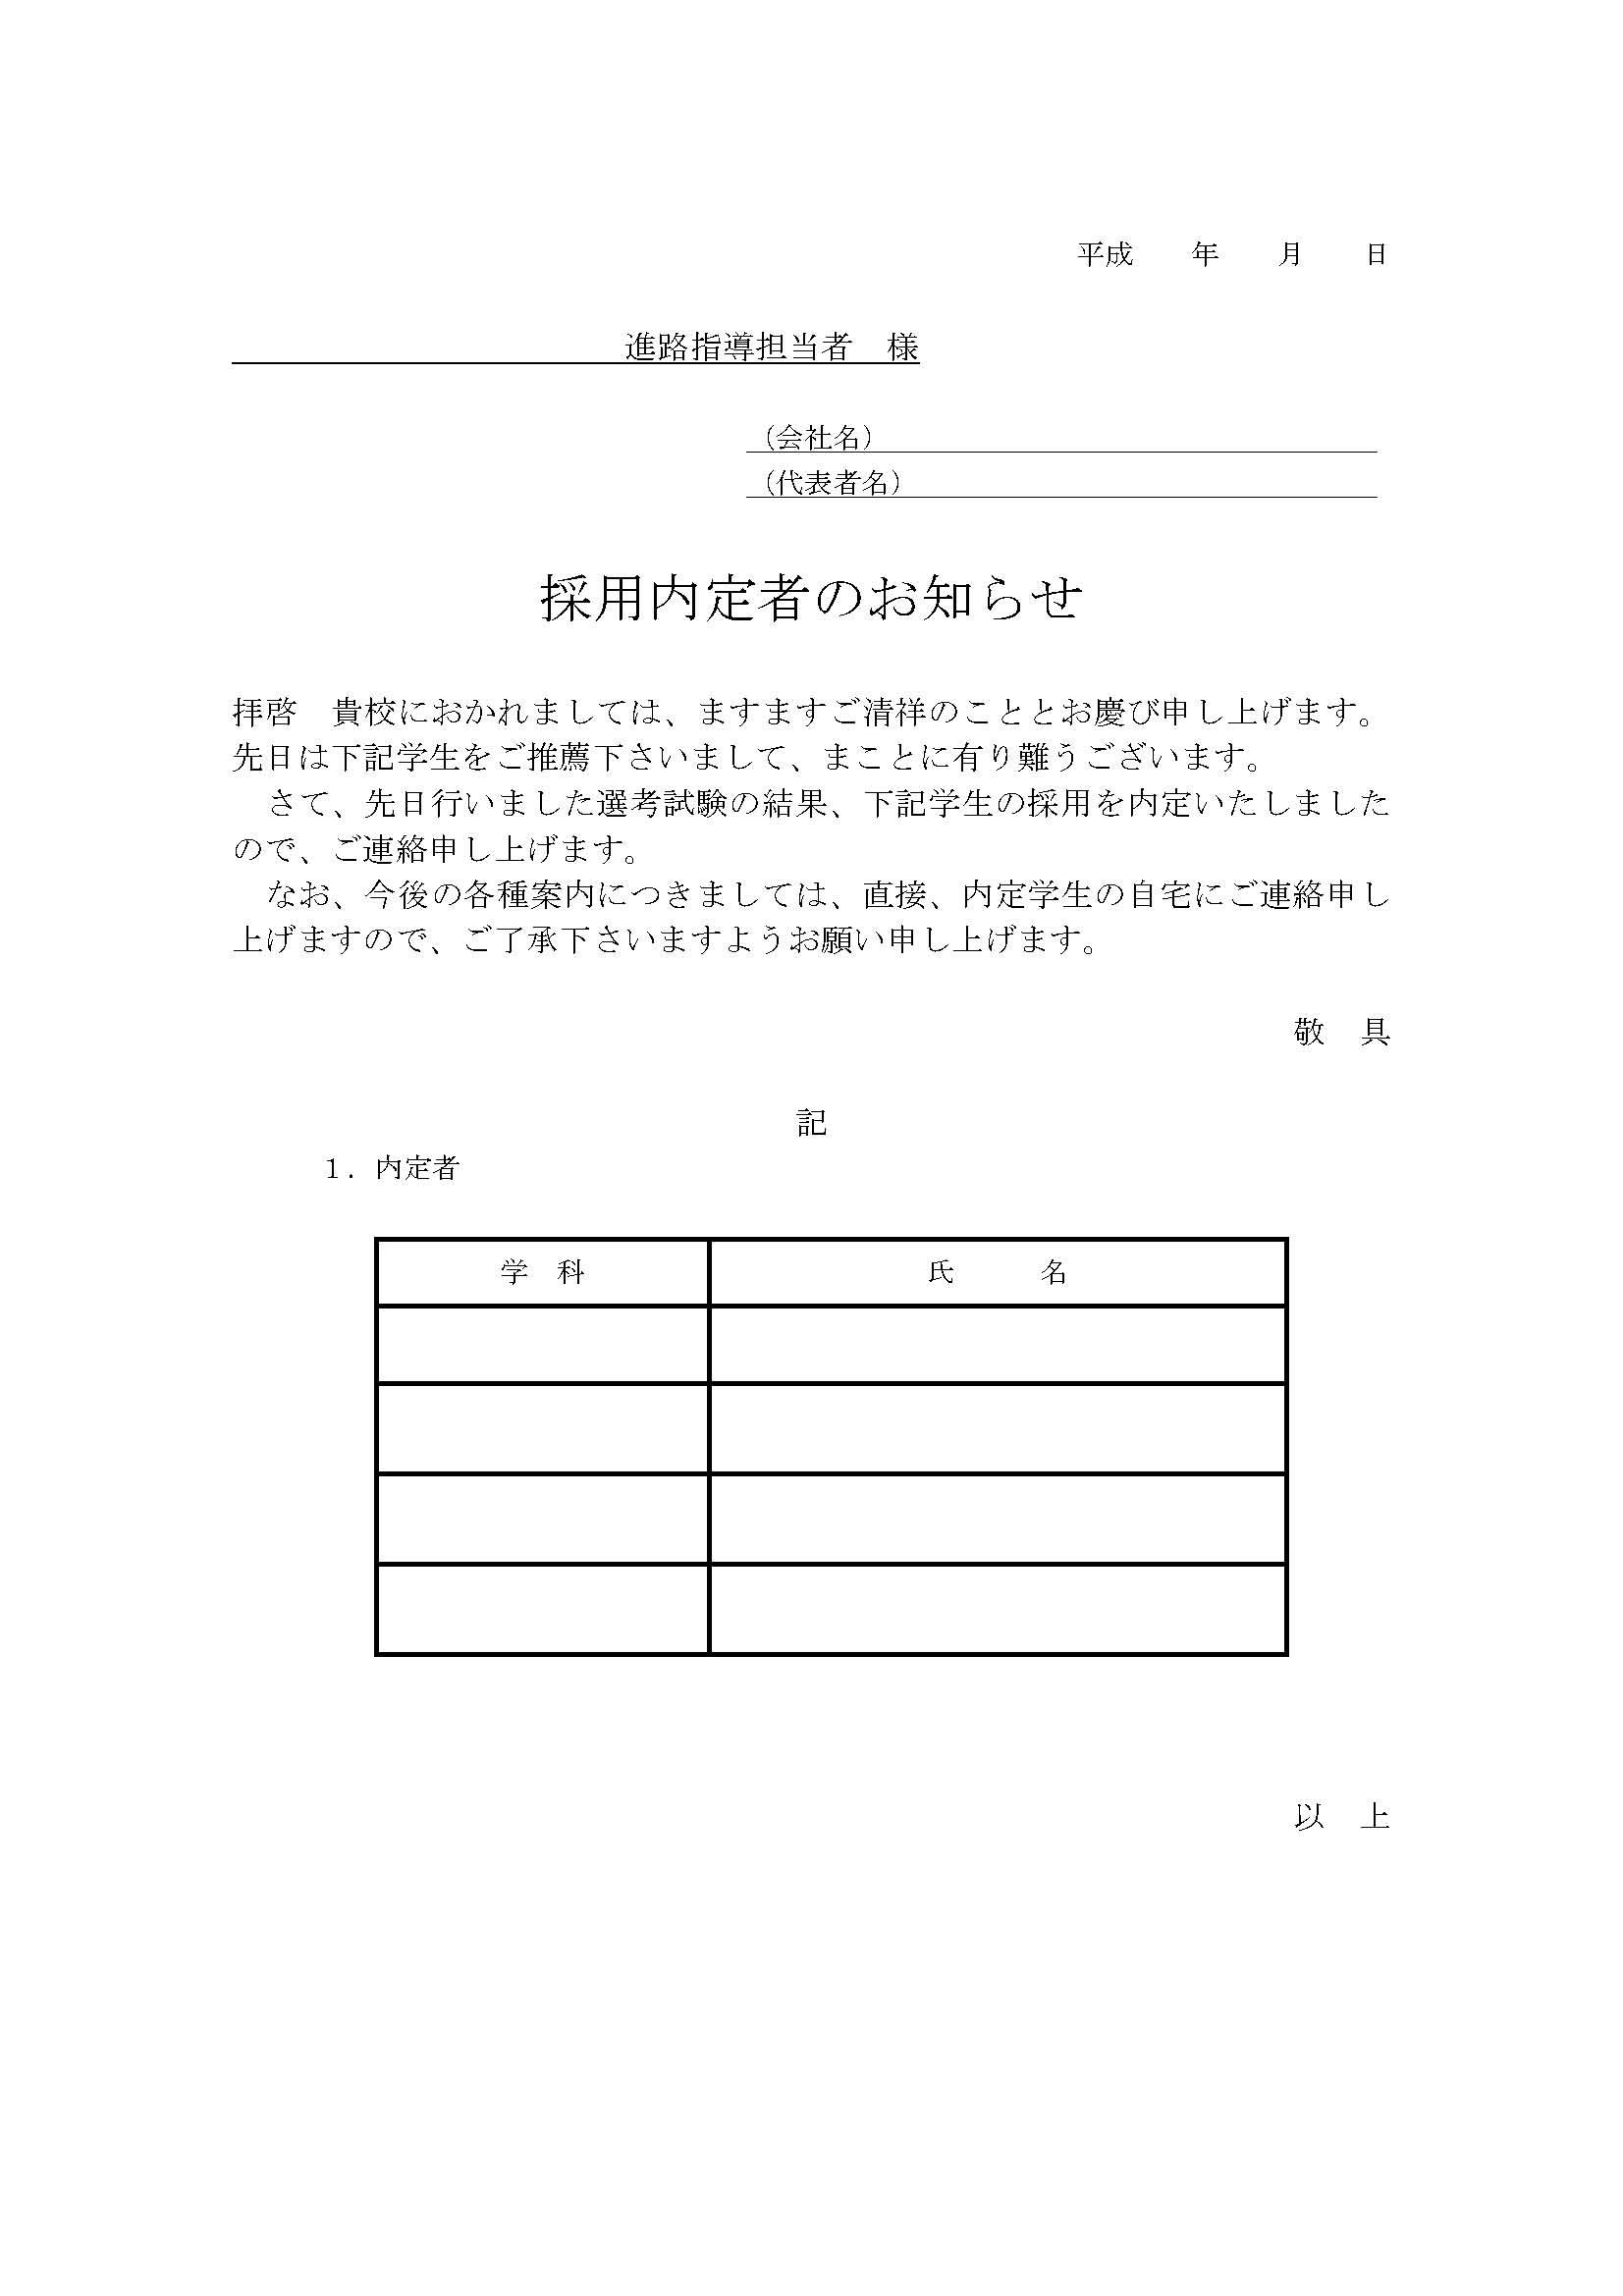 お知らせ(採用内定者)